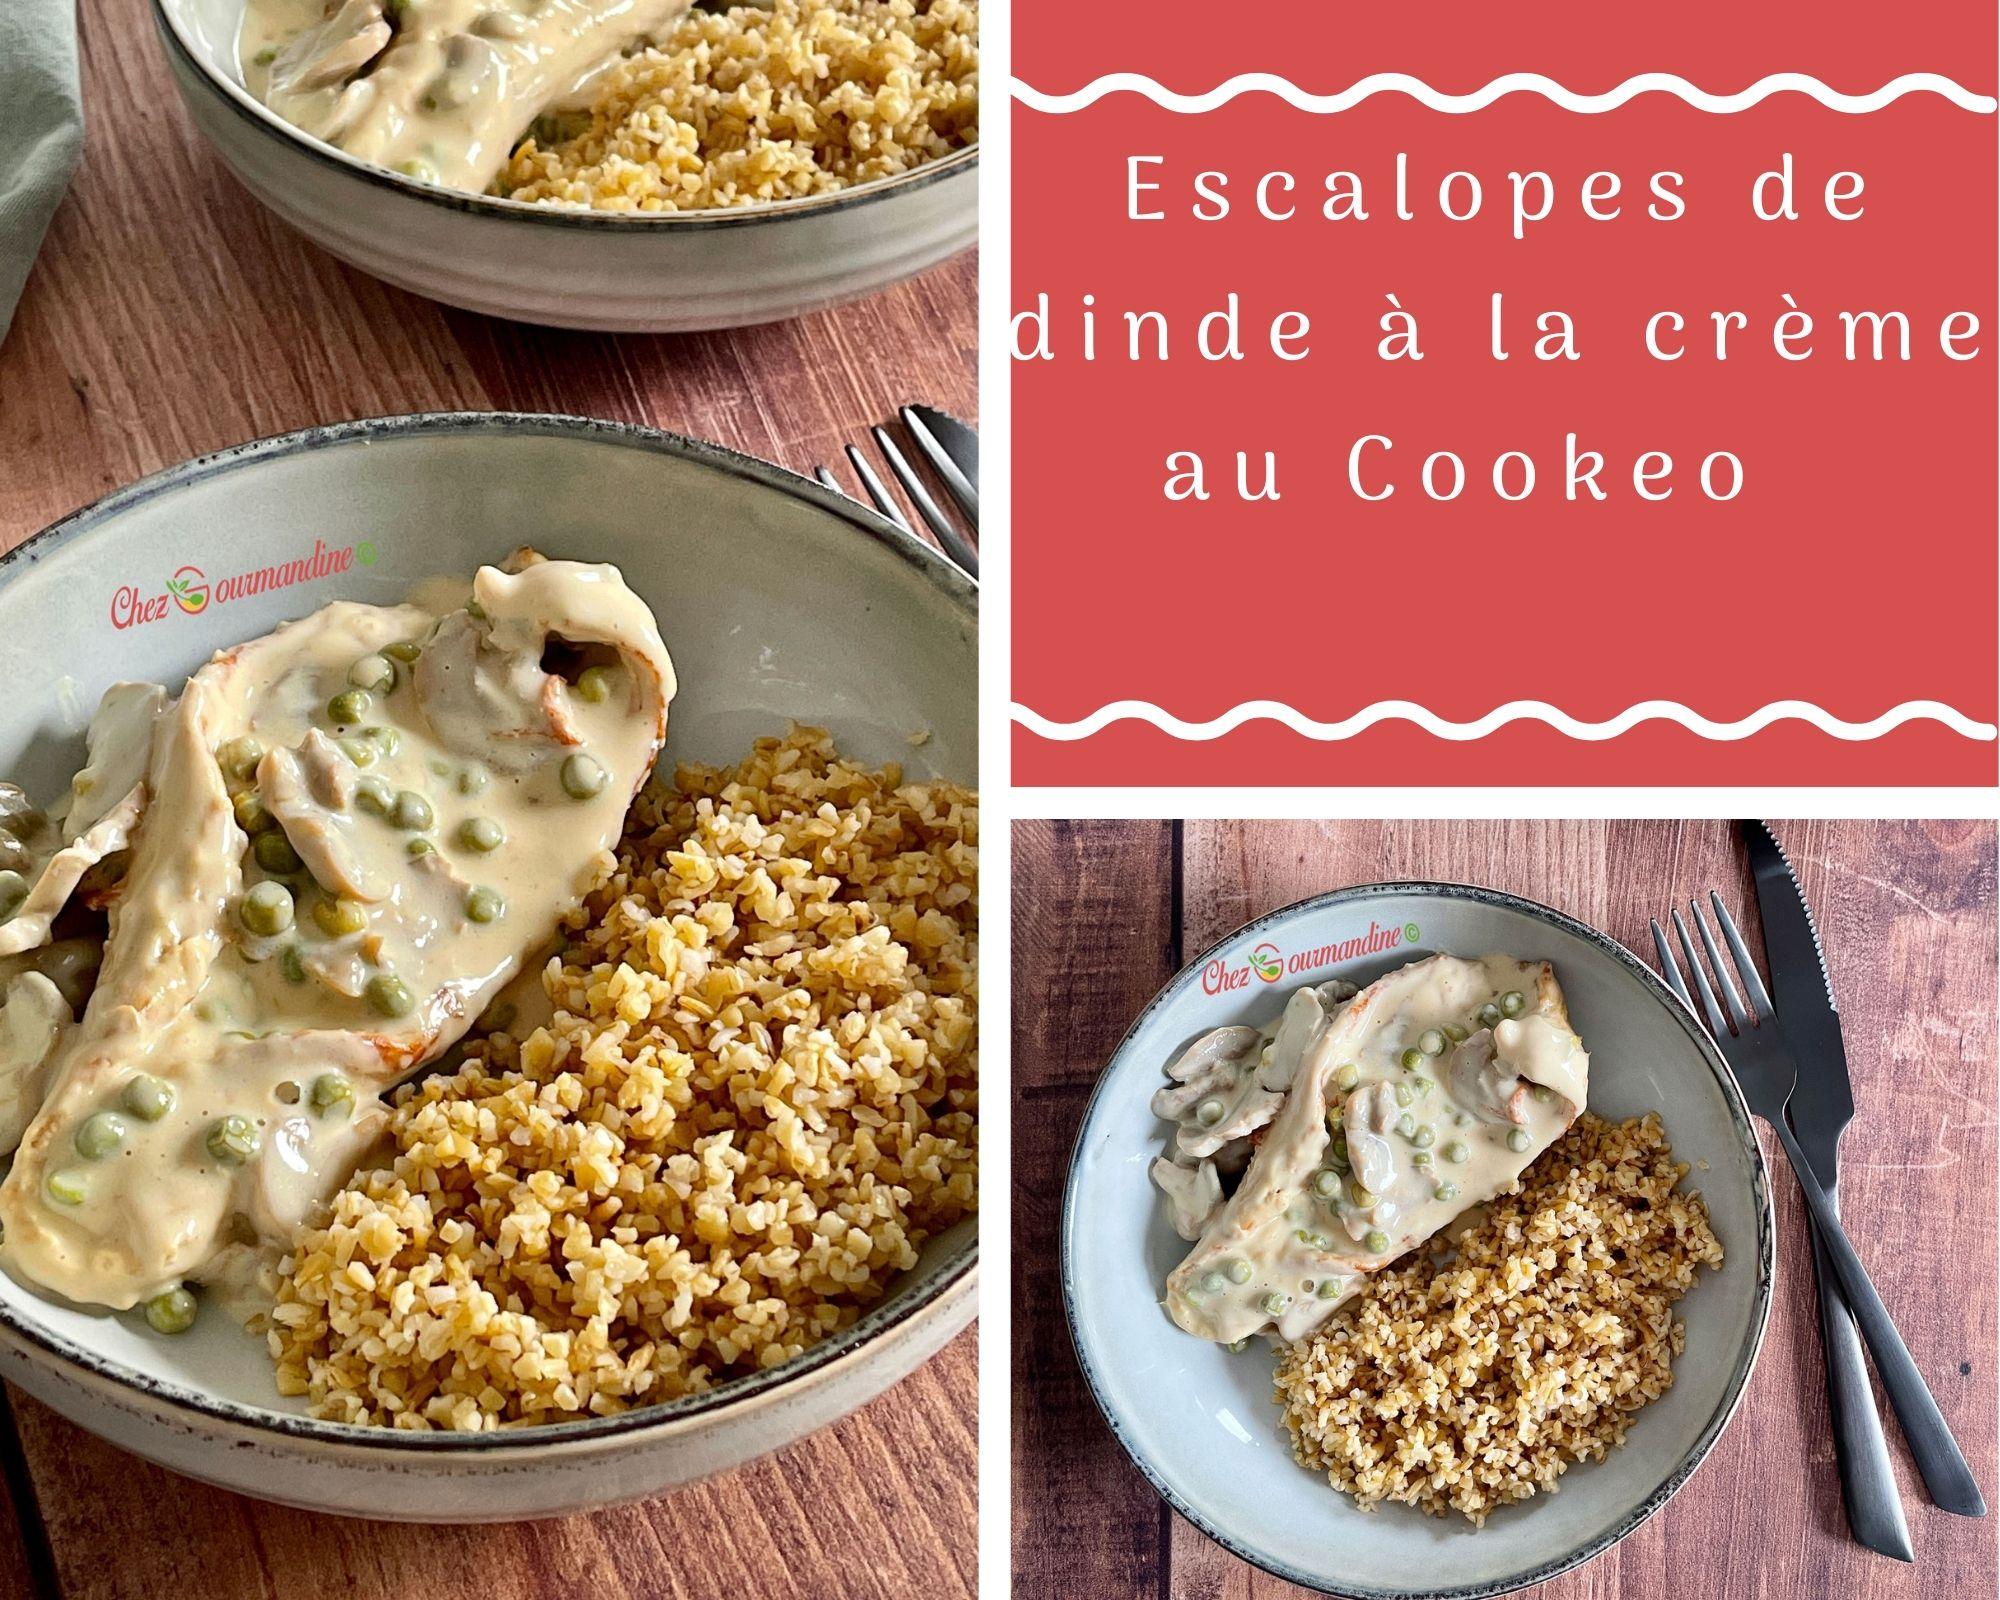 Escalopes de dinde à la crème au Cookeo